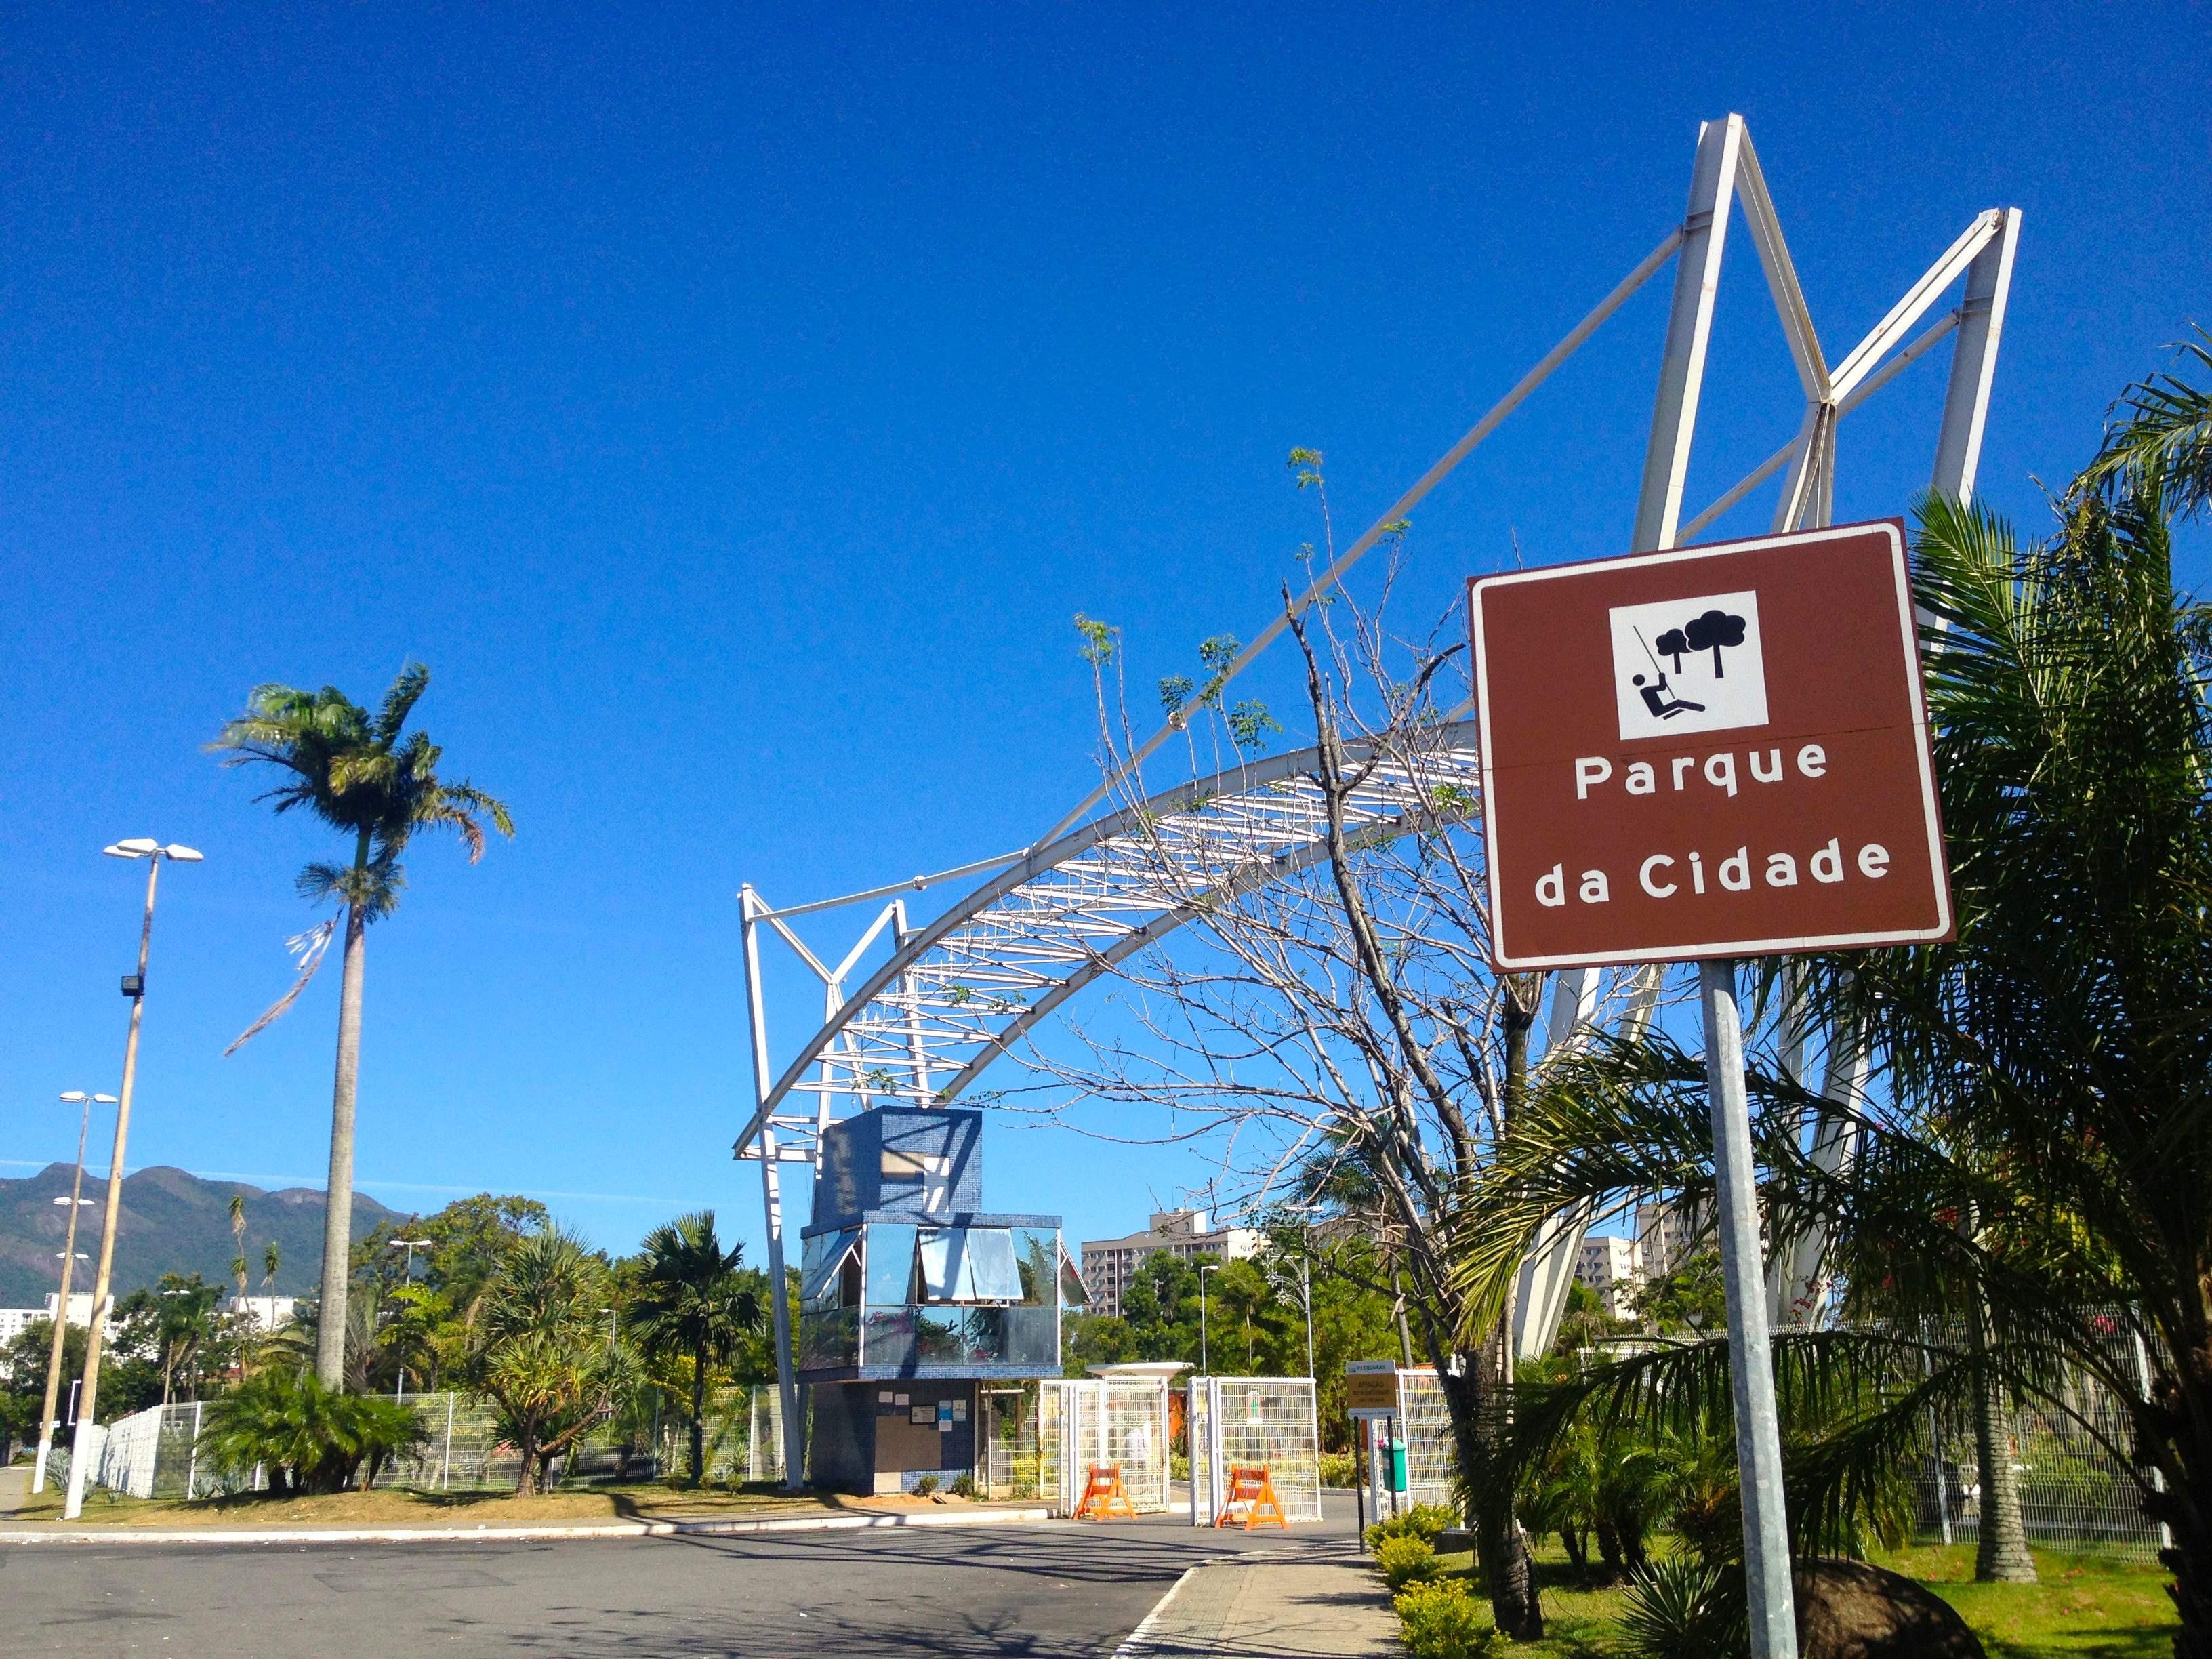 serra_espirito_santo_parque_da_cidade